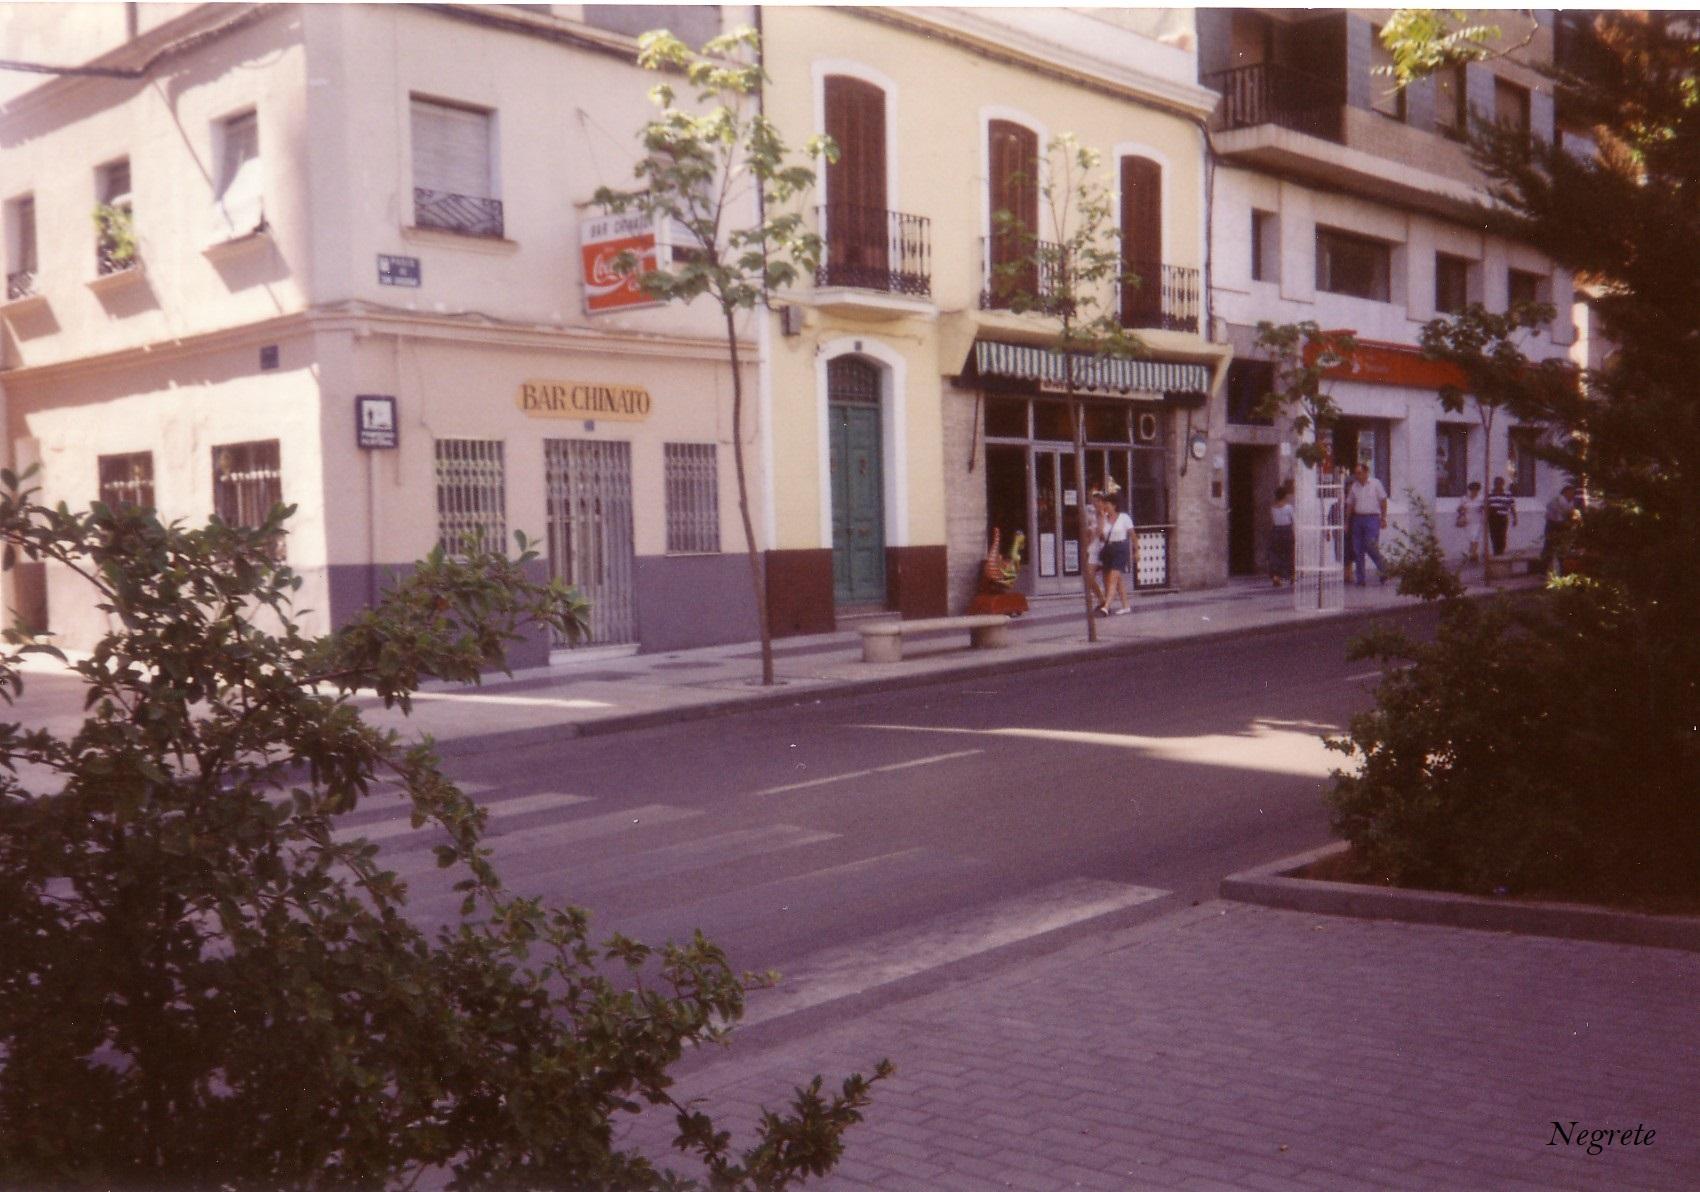 Bar Chinato y Coto en Paseo de San Gregorio Fotografía F. Negrete 1990